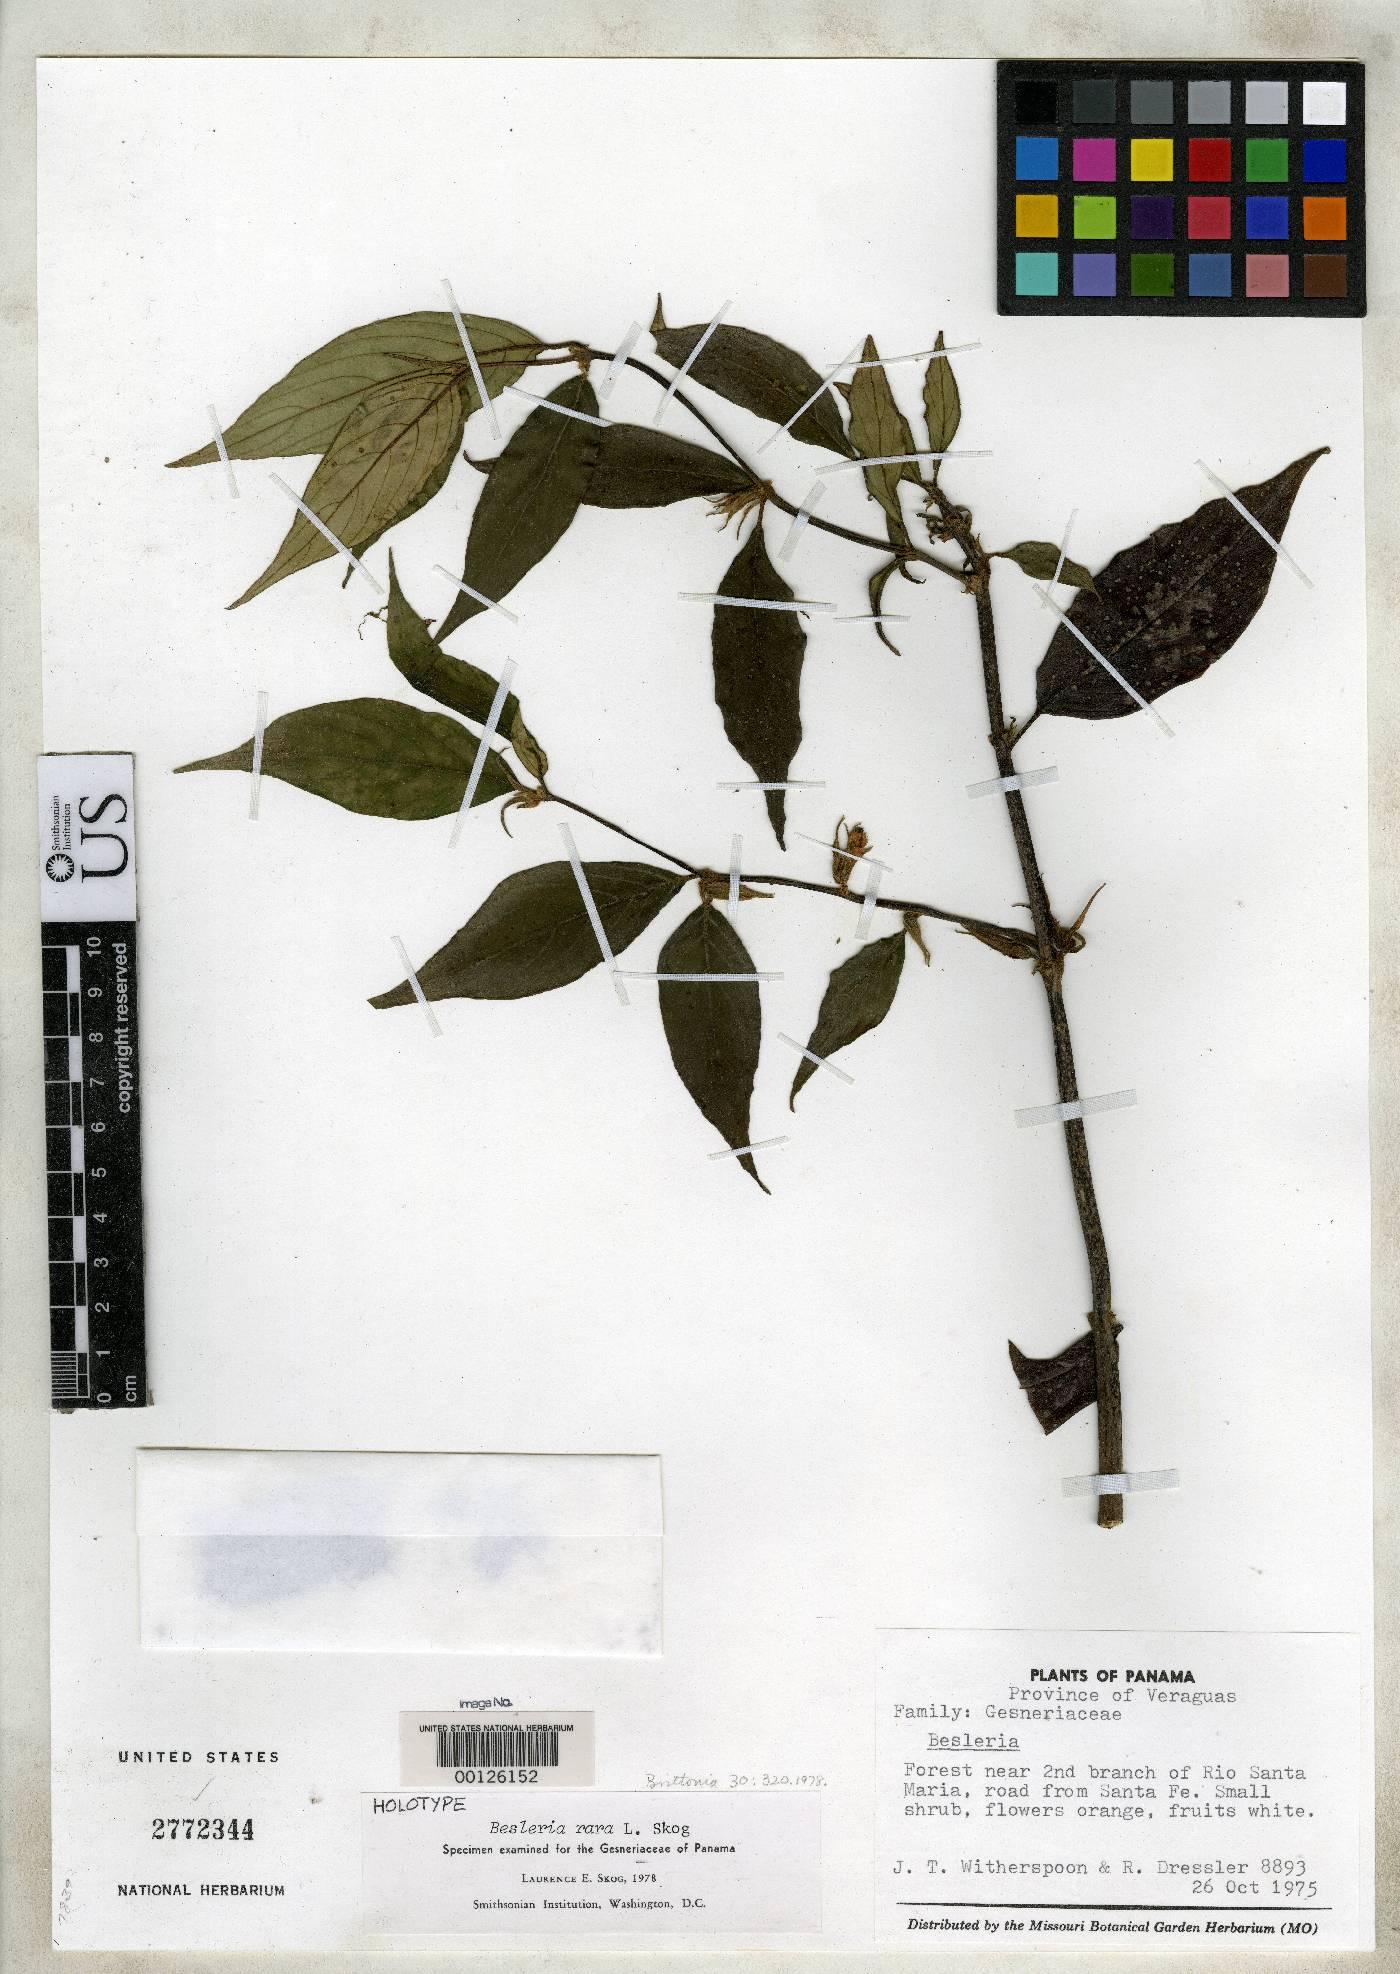 Besleria rara image